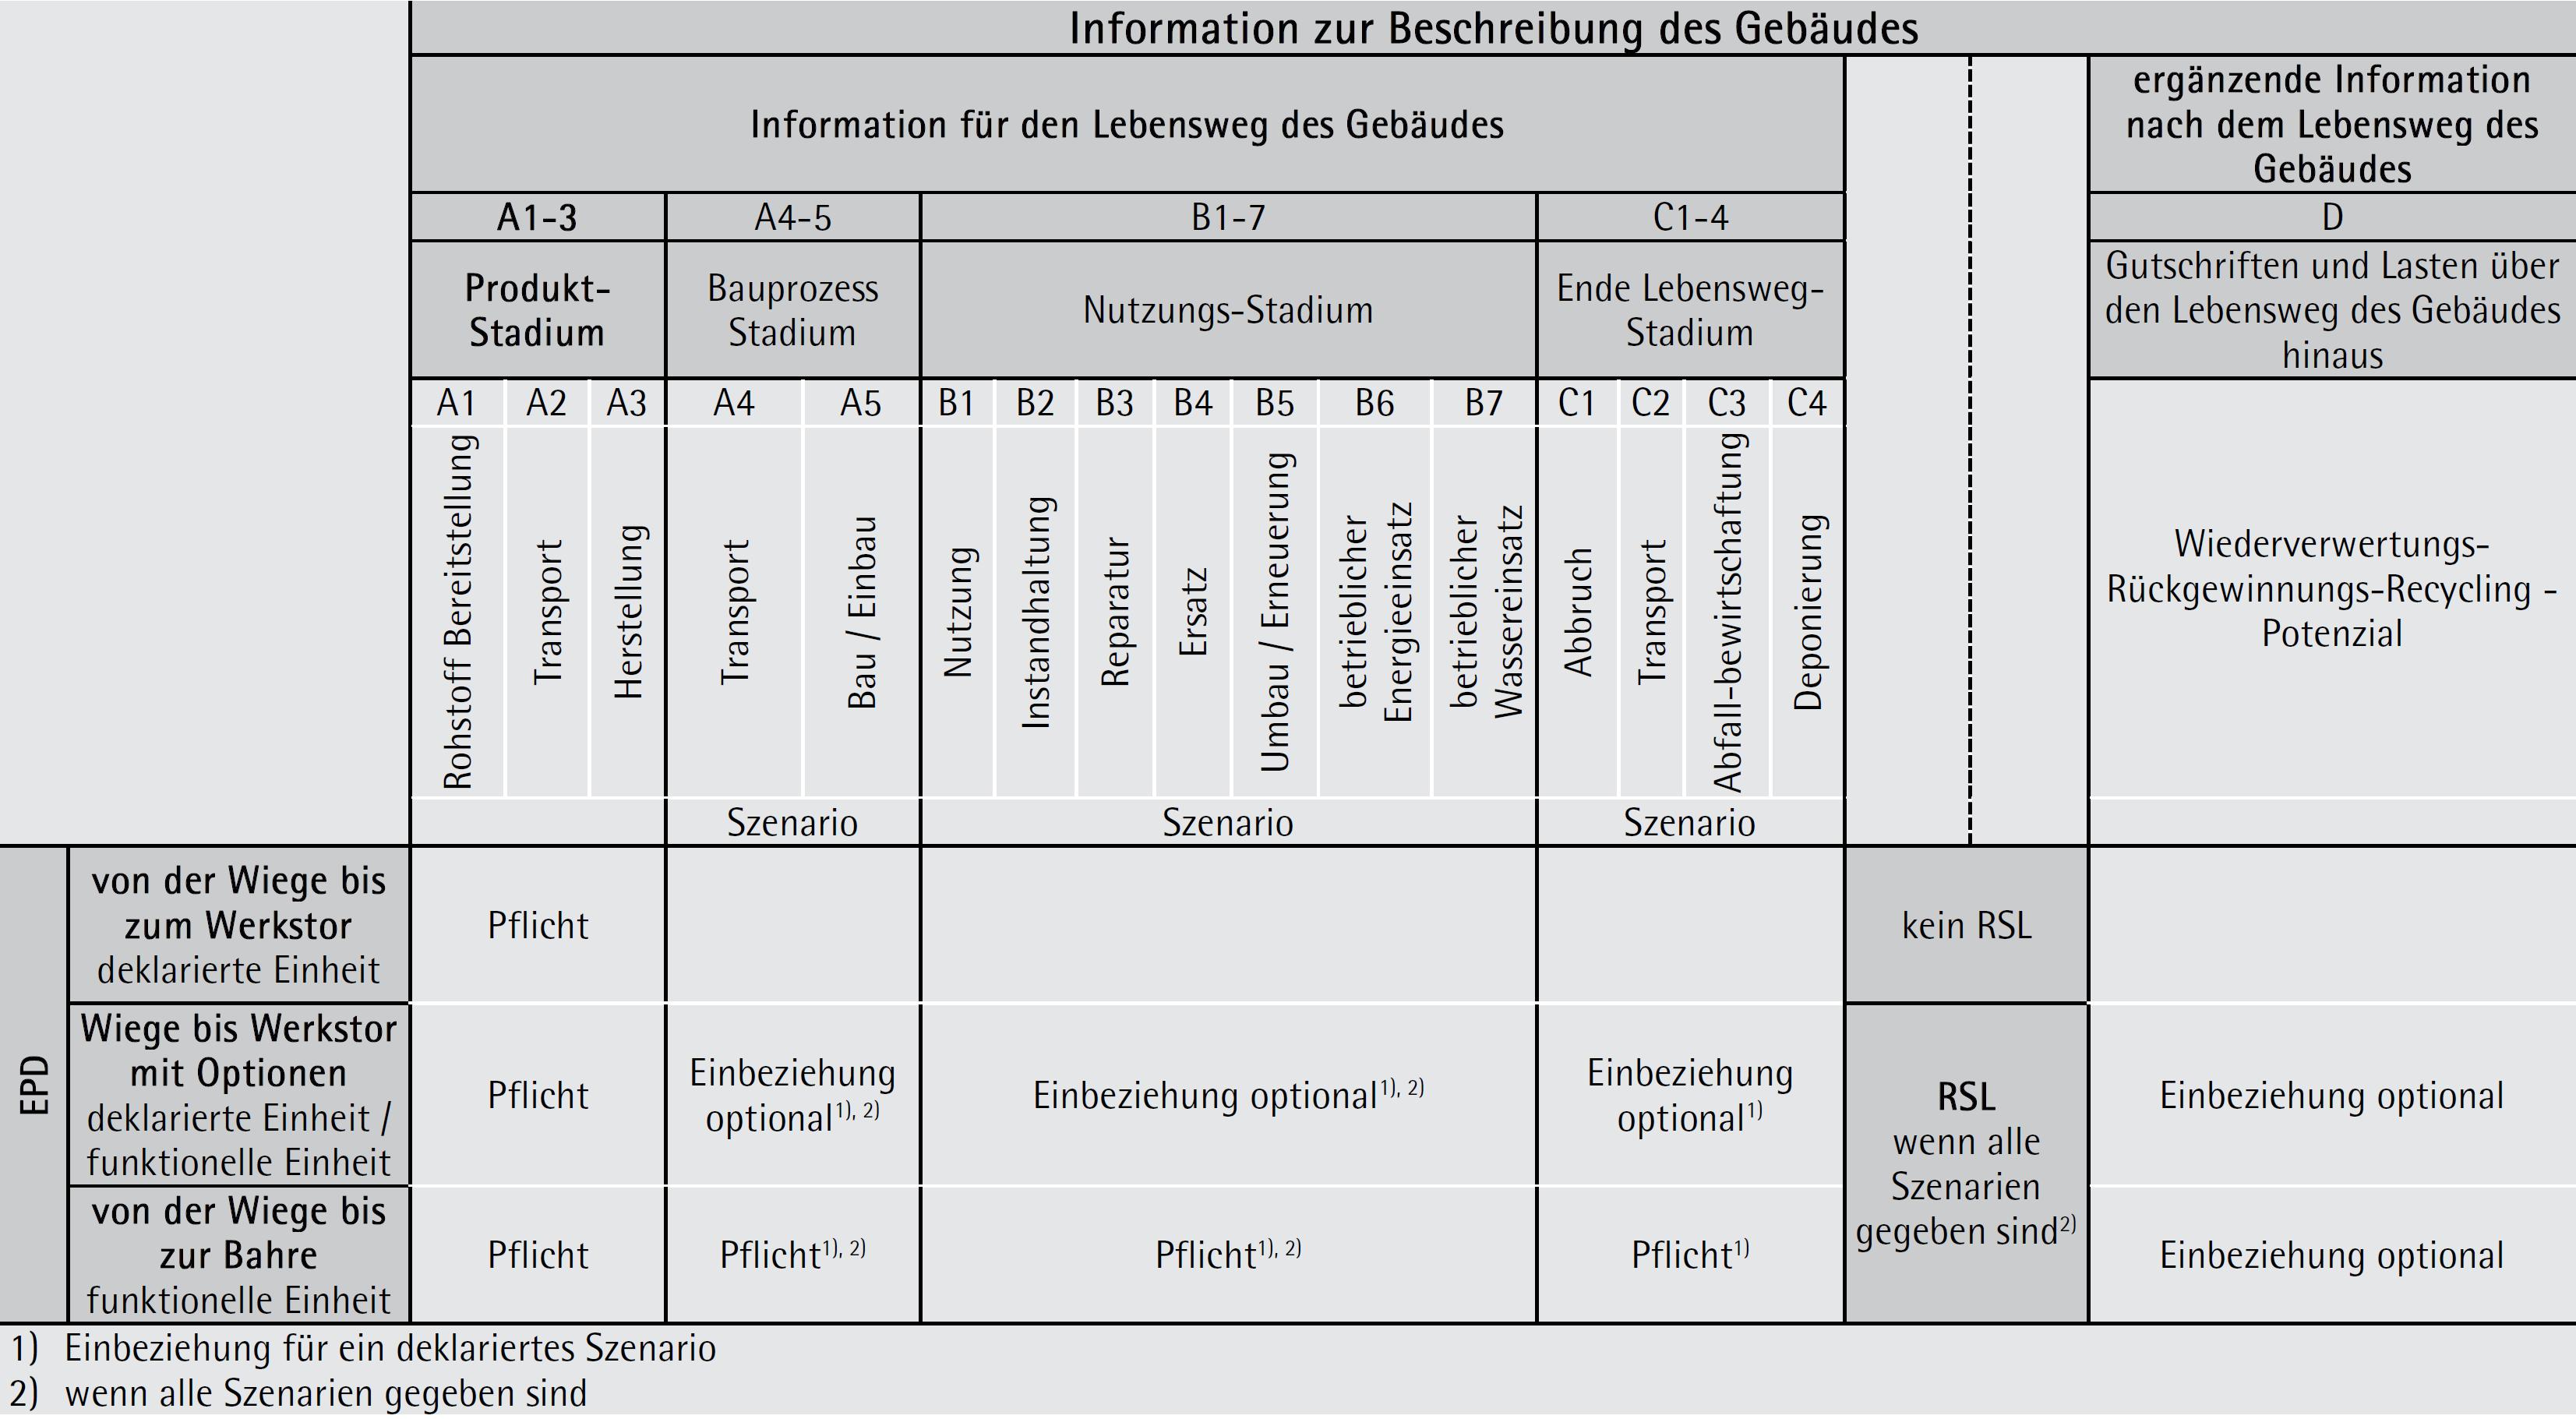 EPD-Arten, Stadien des Lebensweges und Module zur Beschreibung und Beurteilung von Gebäuden